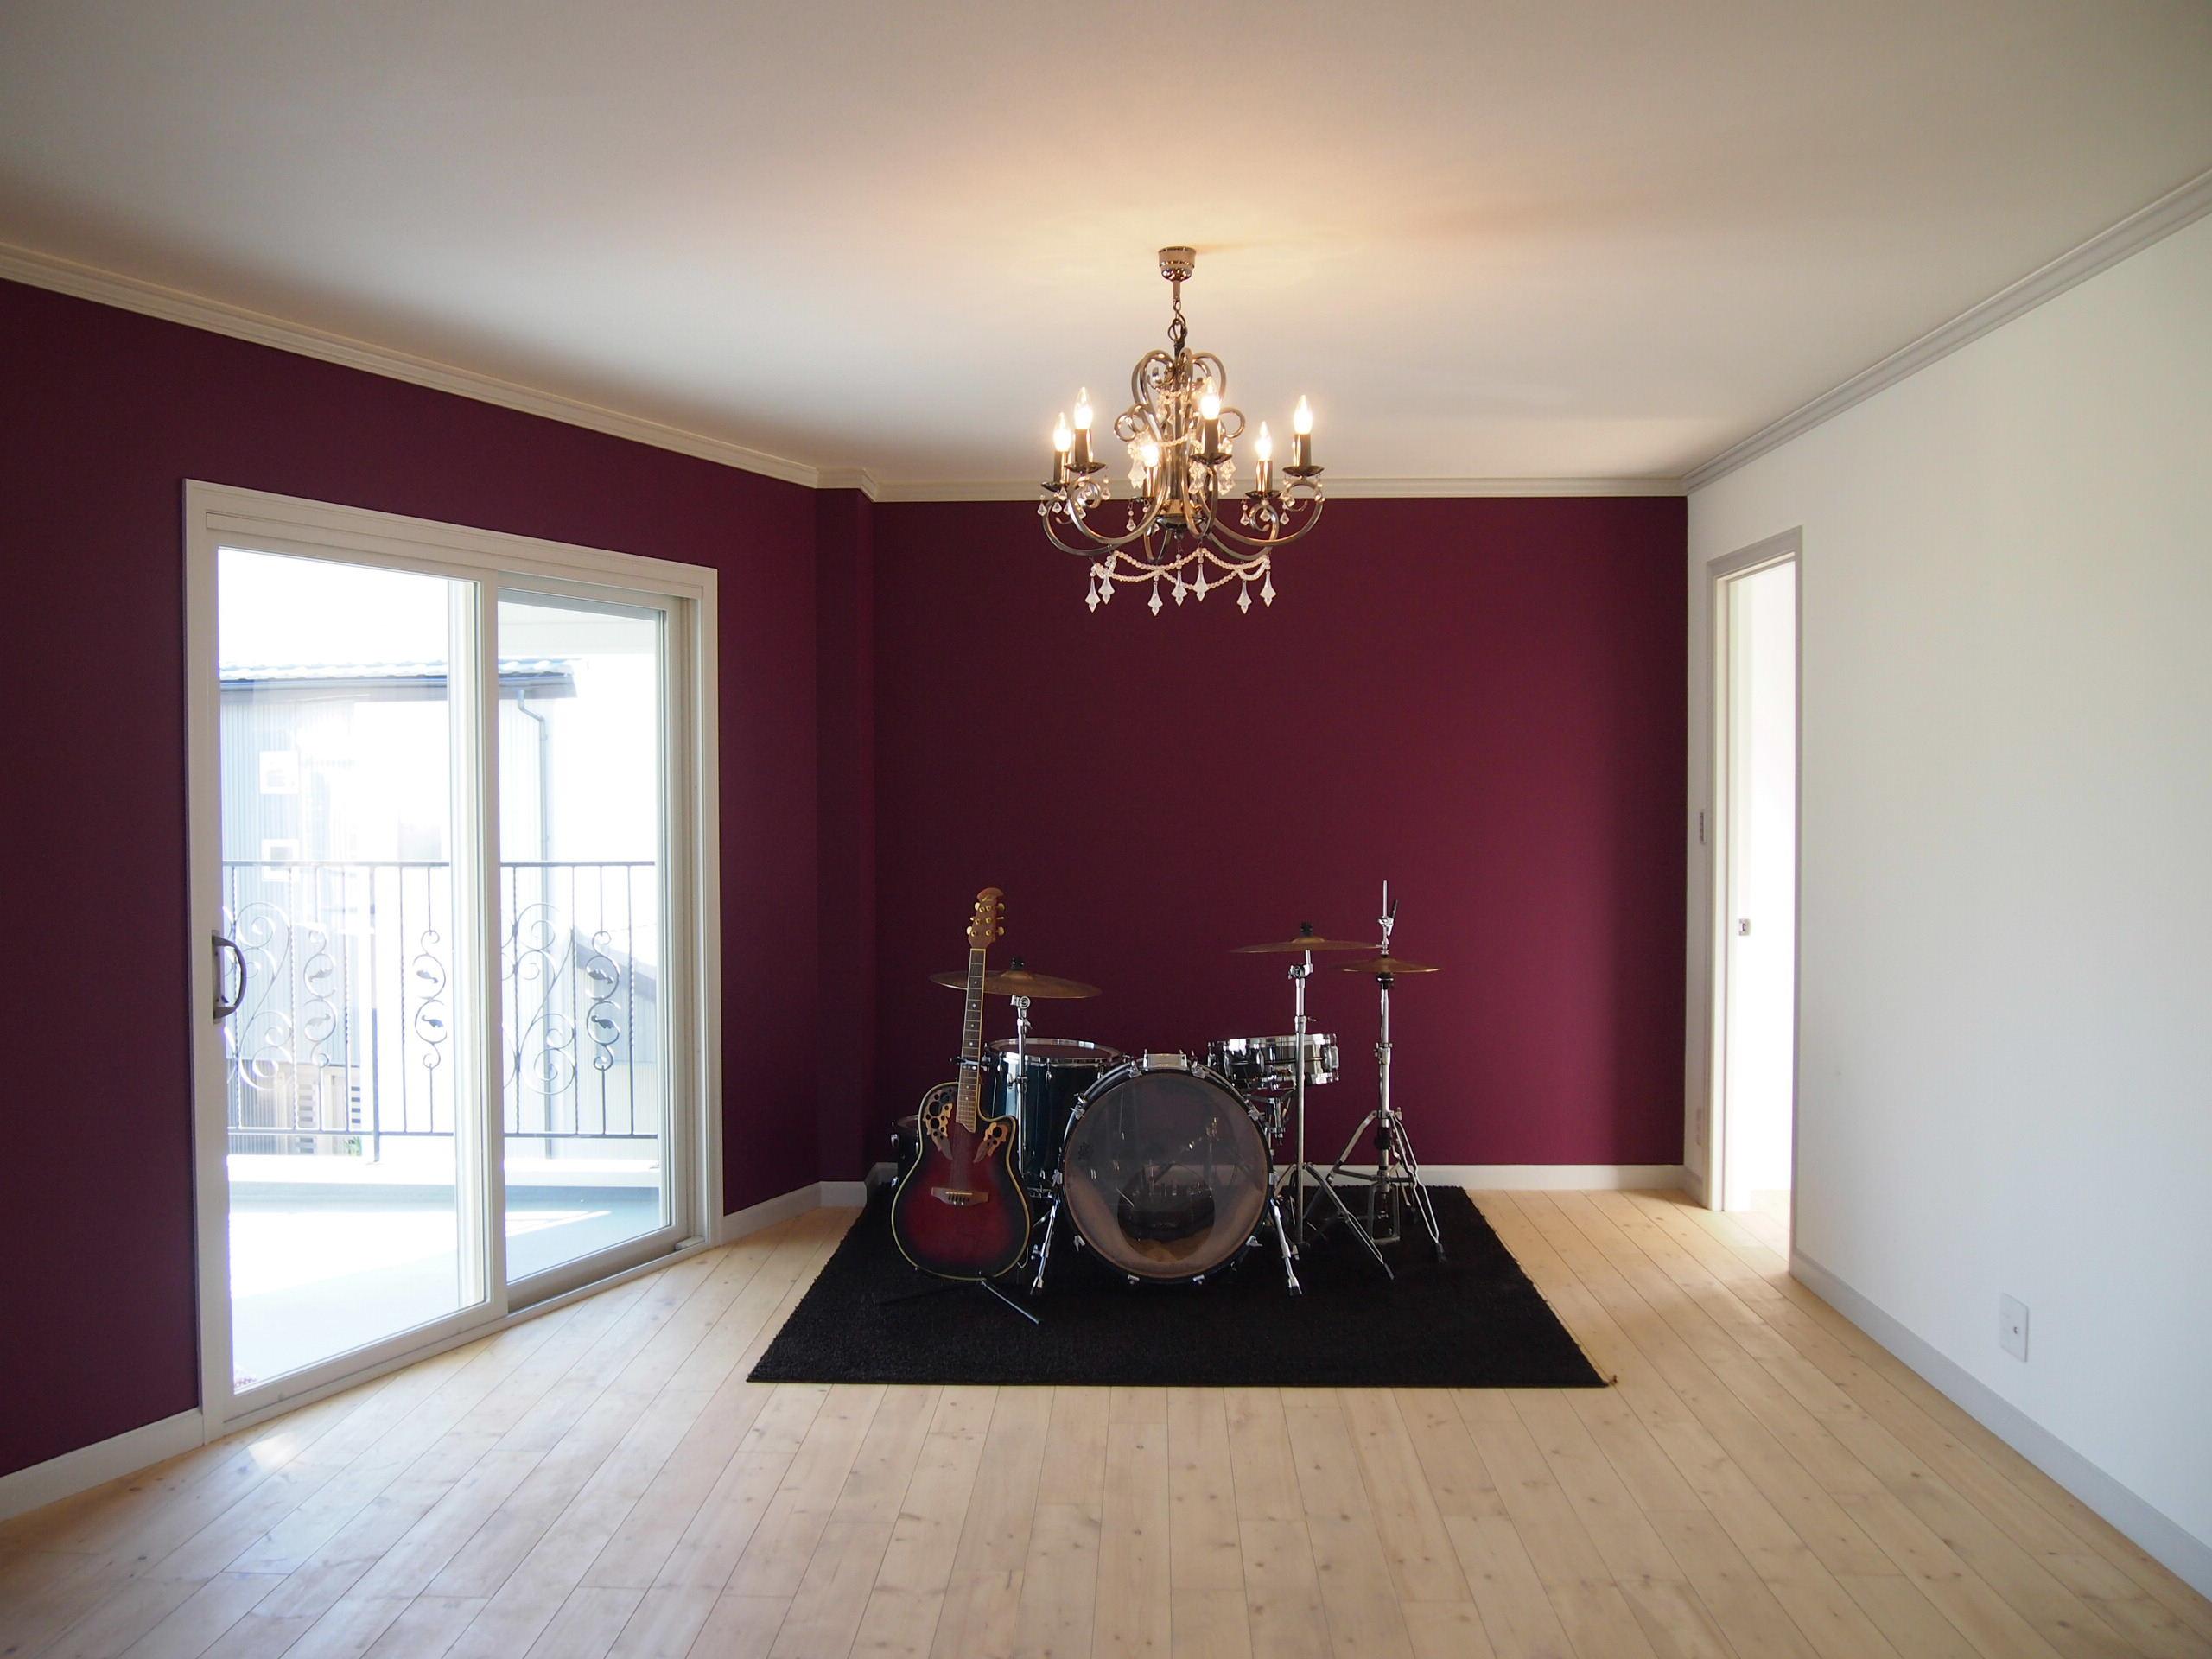 ワインレッドの壁色に、ドラムセット